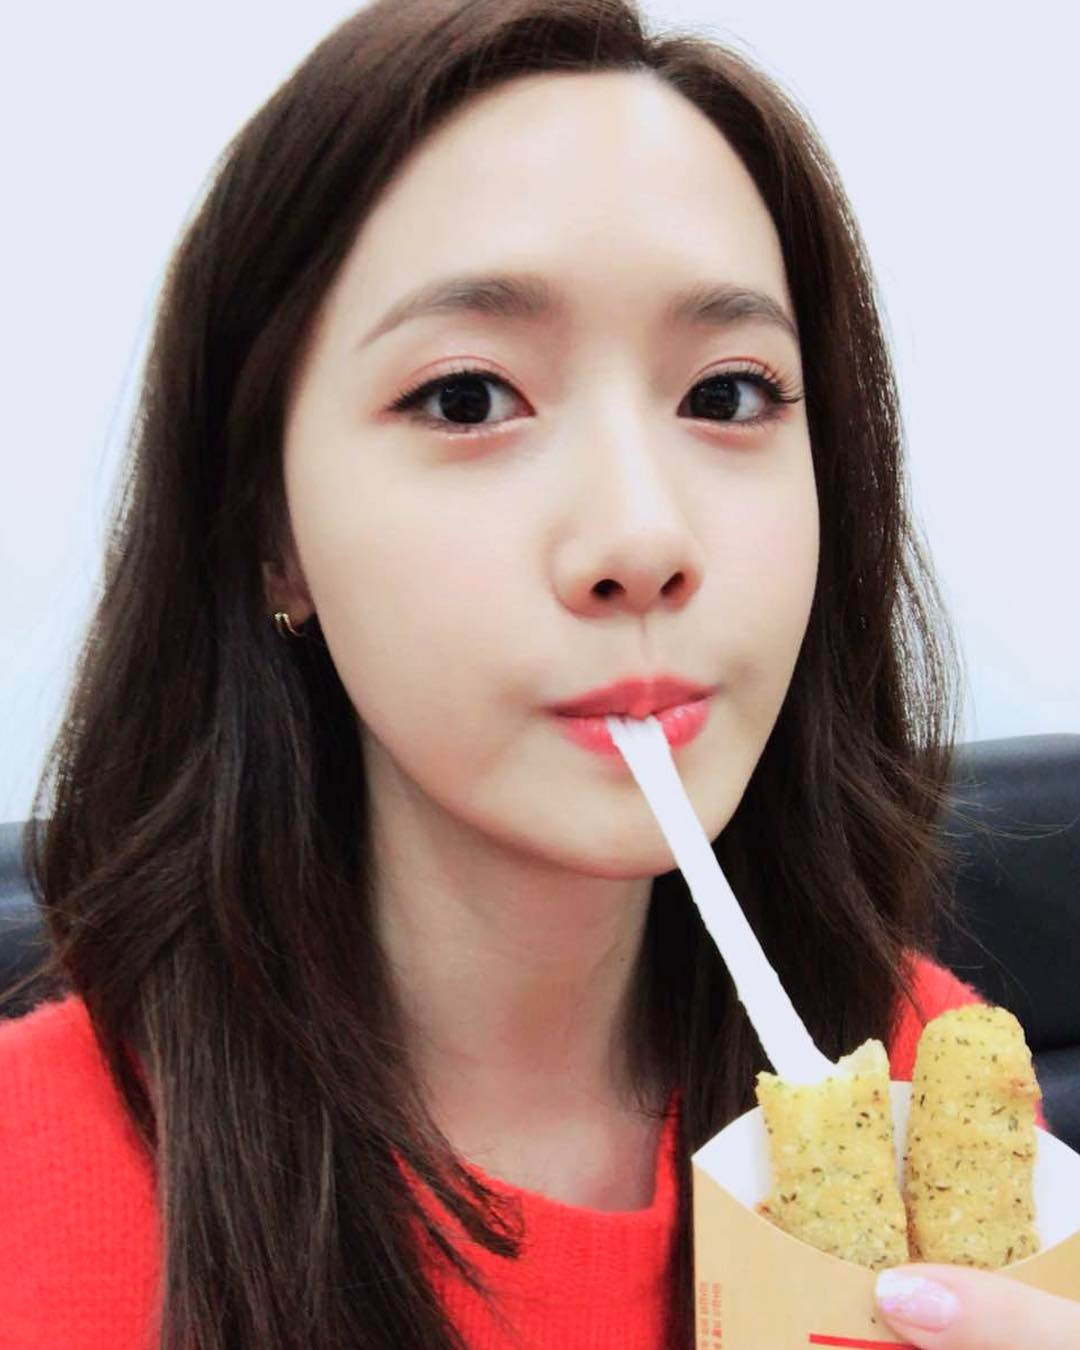 """Đẹp tự nhiên cỡ """"nữ thần"""" như Yoona cũng phải nghiêm túc chăm sóc da dẻ mỗi ngày với 4 tips sau - Ảnh 4."""